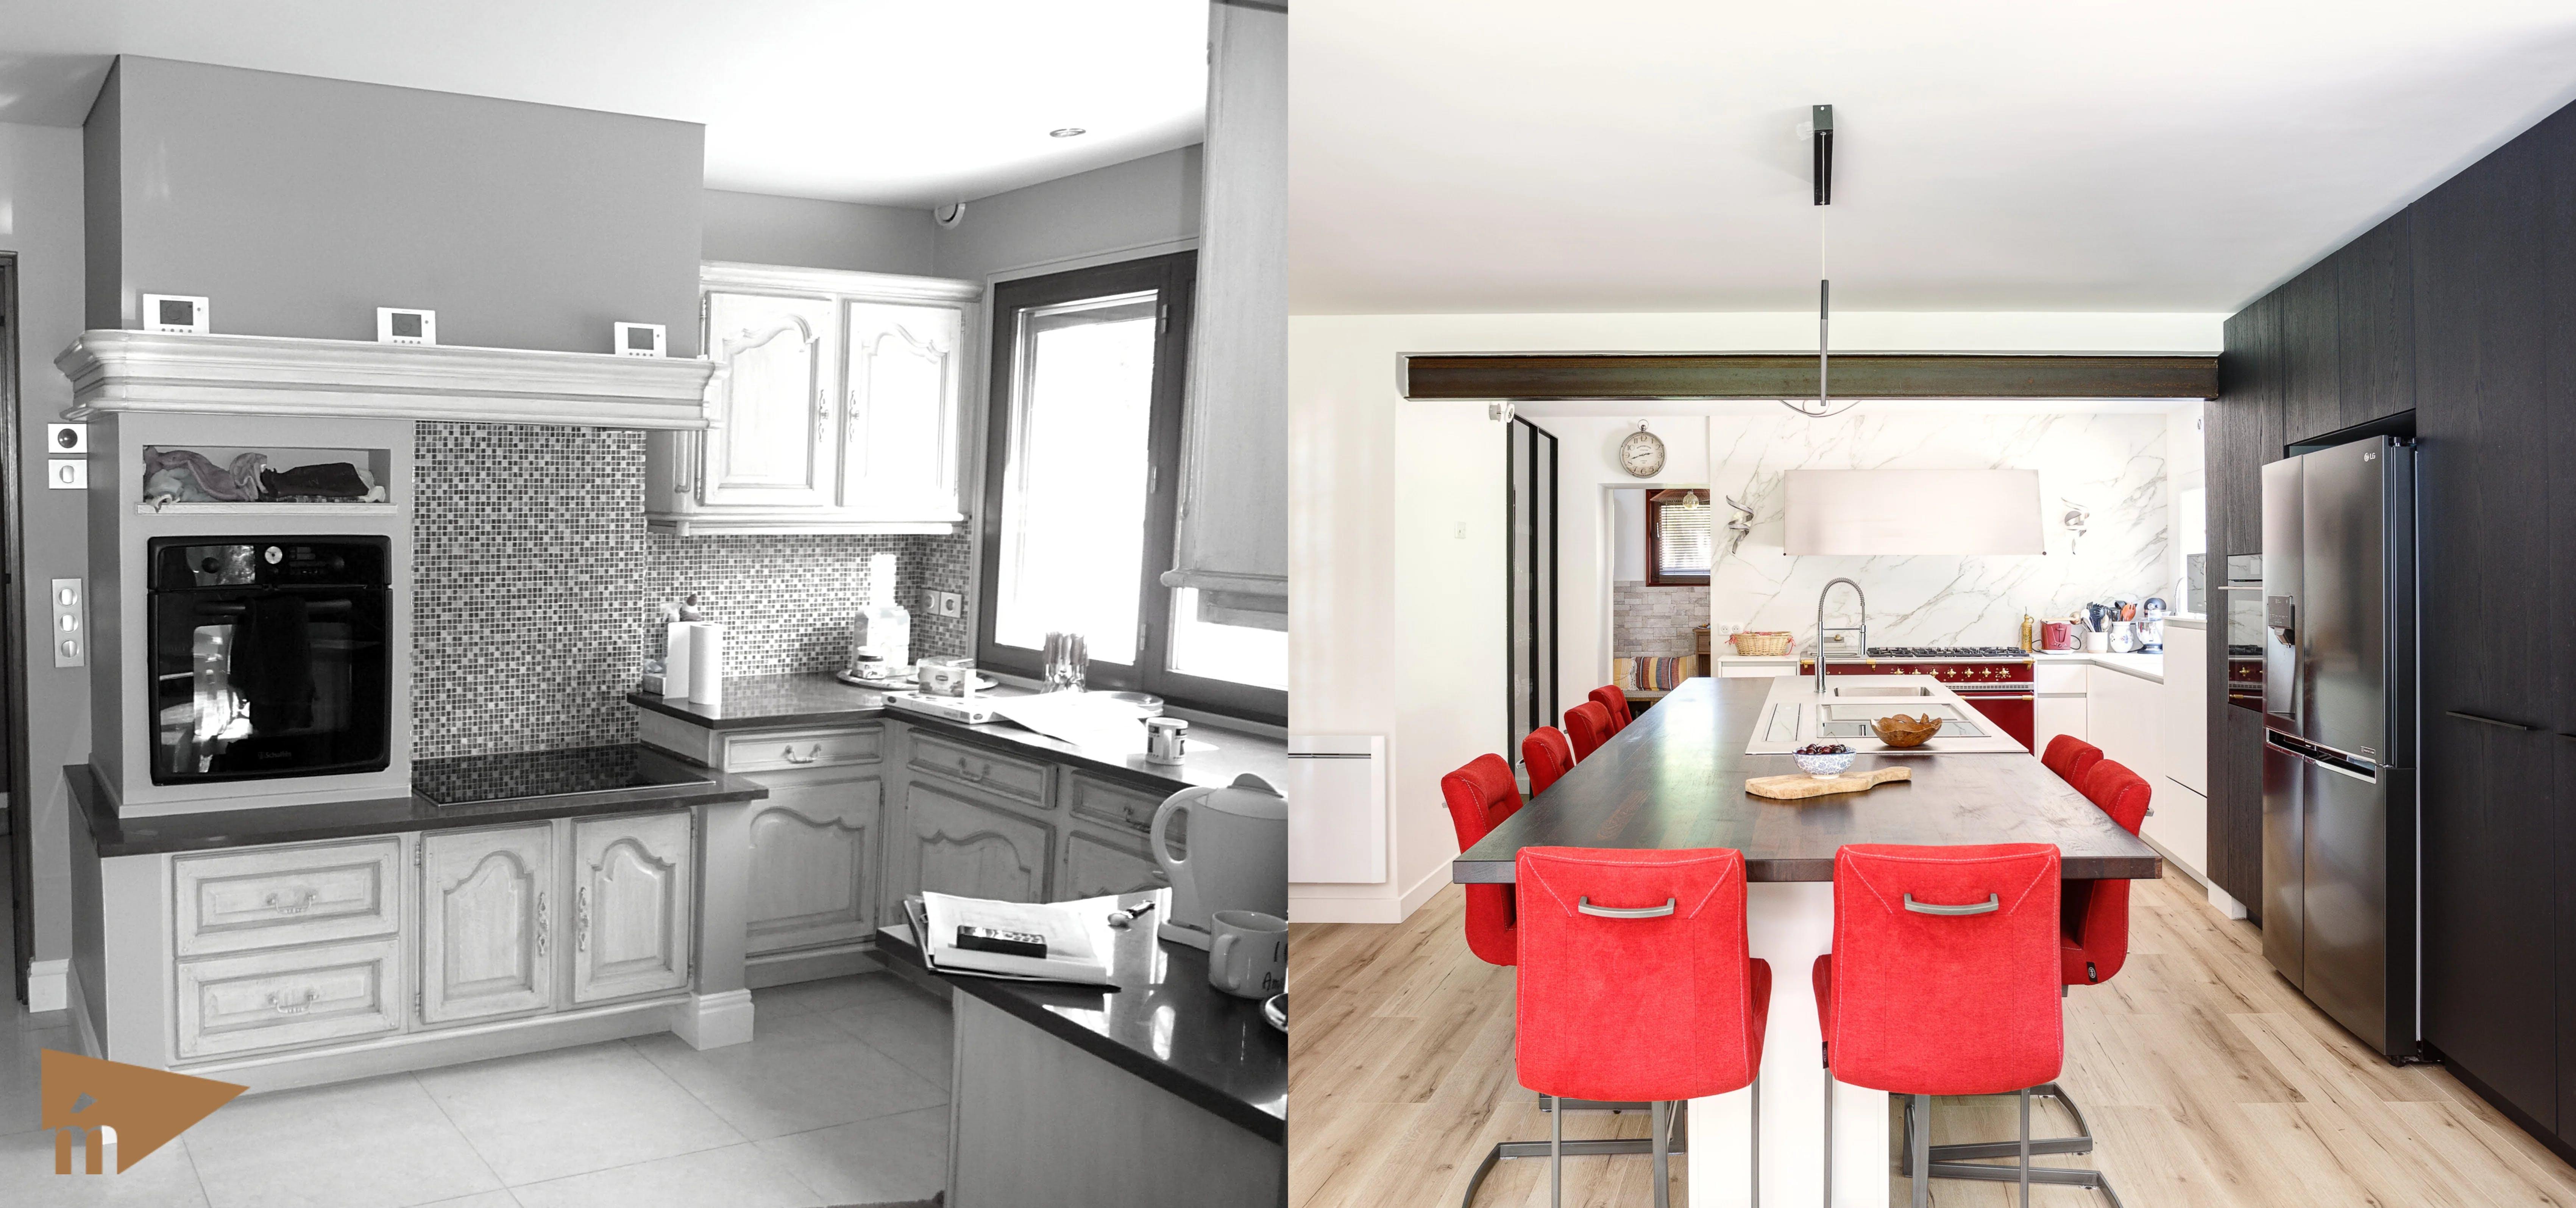 cuisine avant et après rénovation